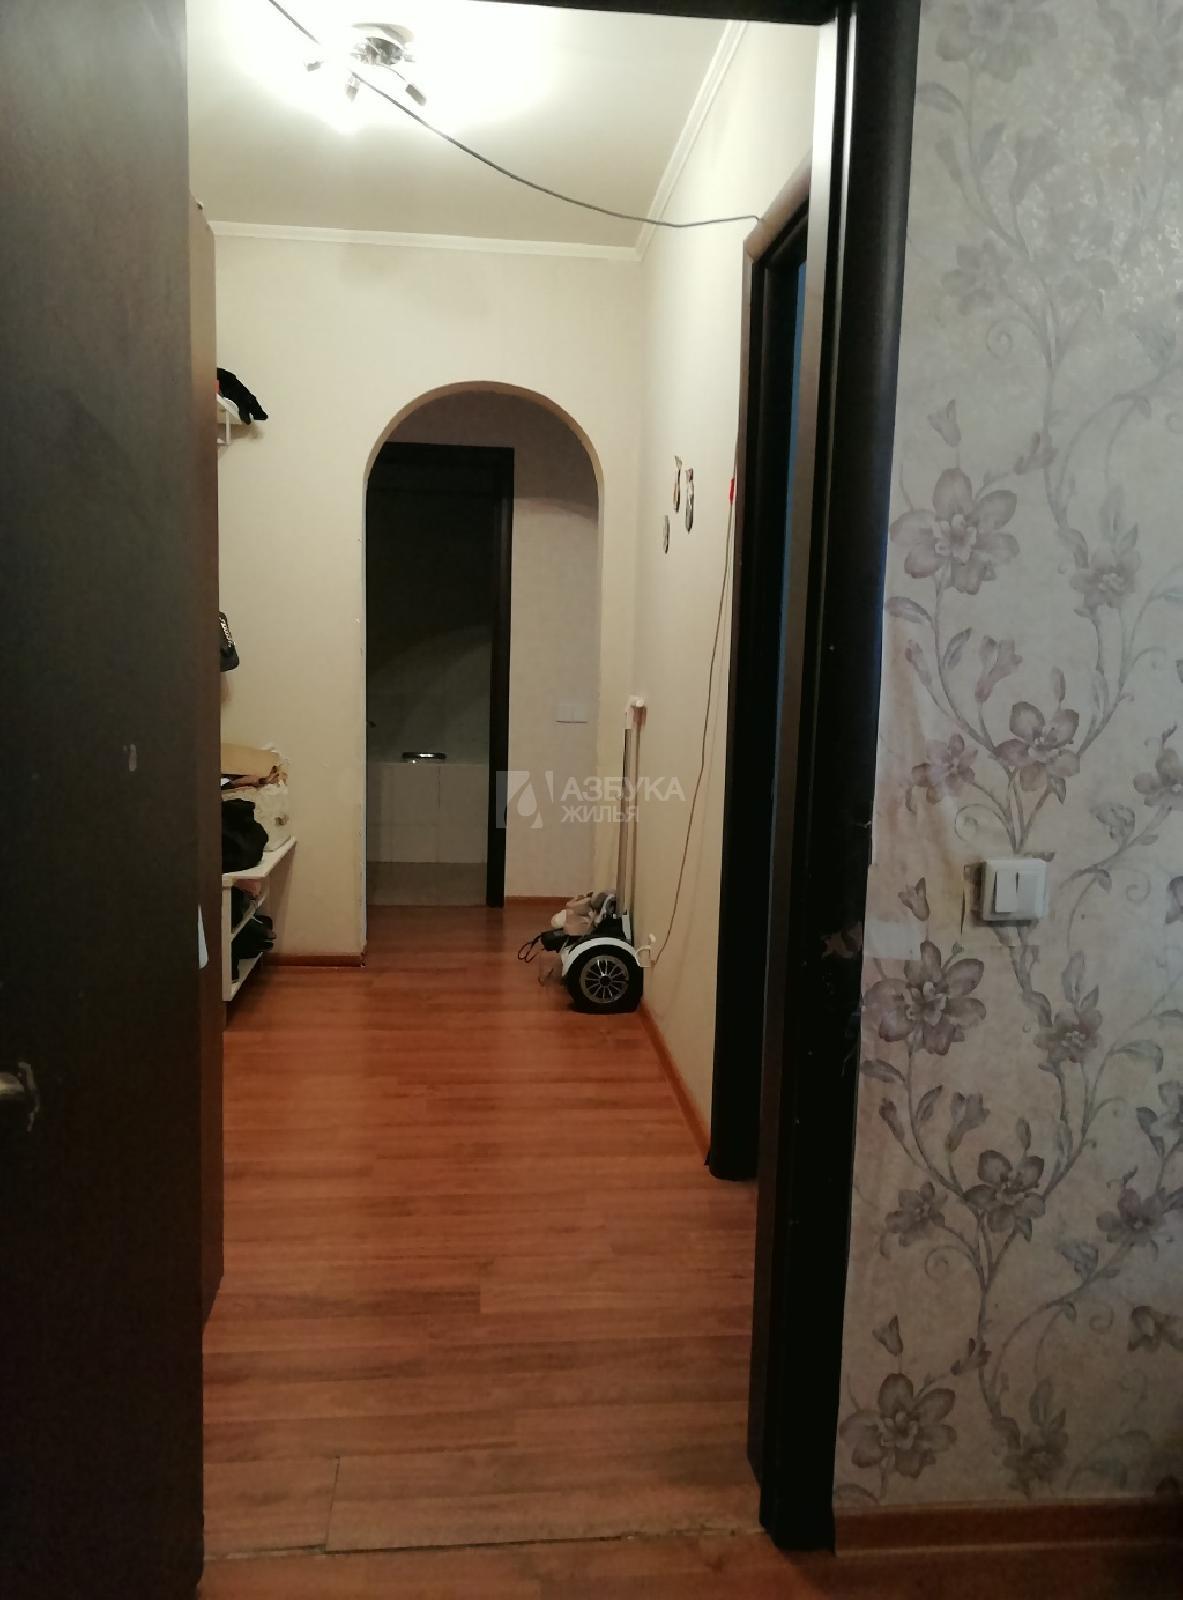 Фото №11 - 2-комнатная квартира, Москва, Загородное шоссе 8 корпус 2, метро Крымская